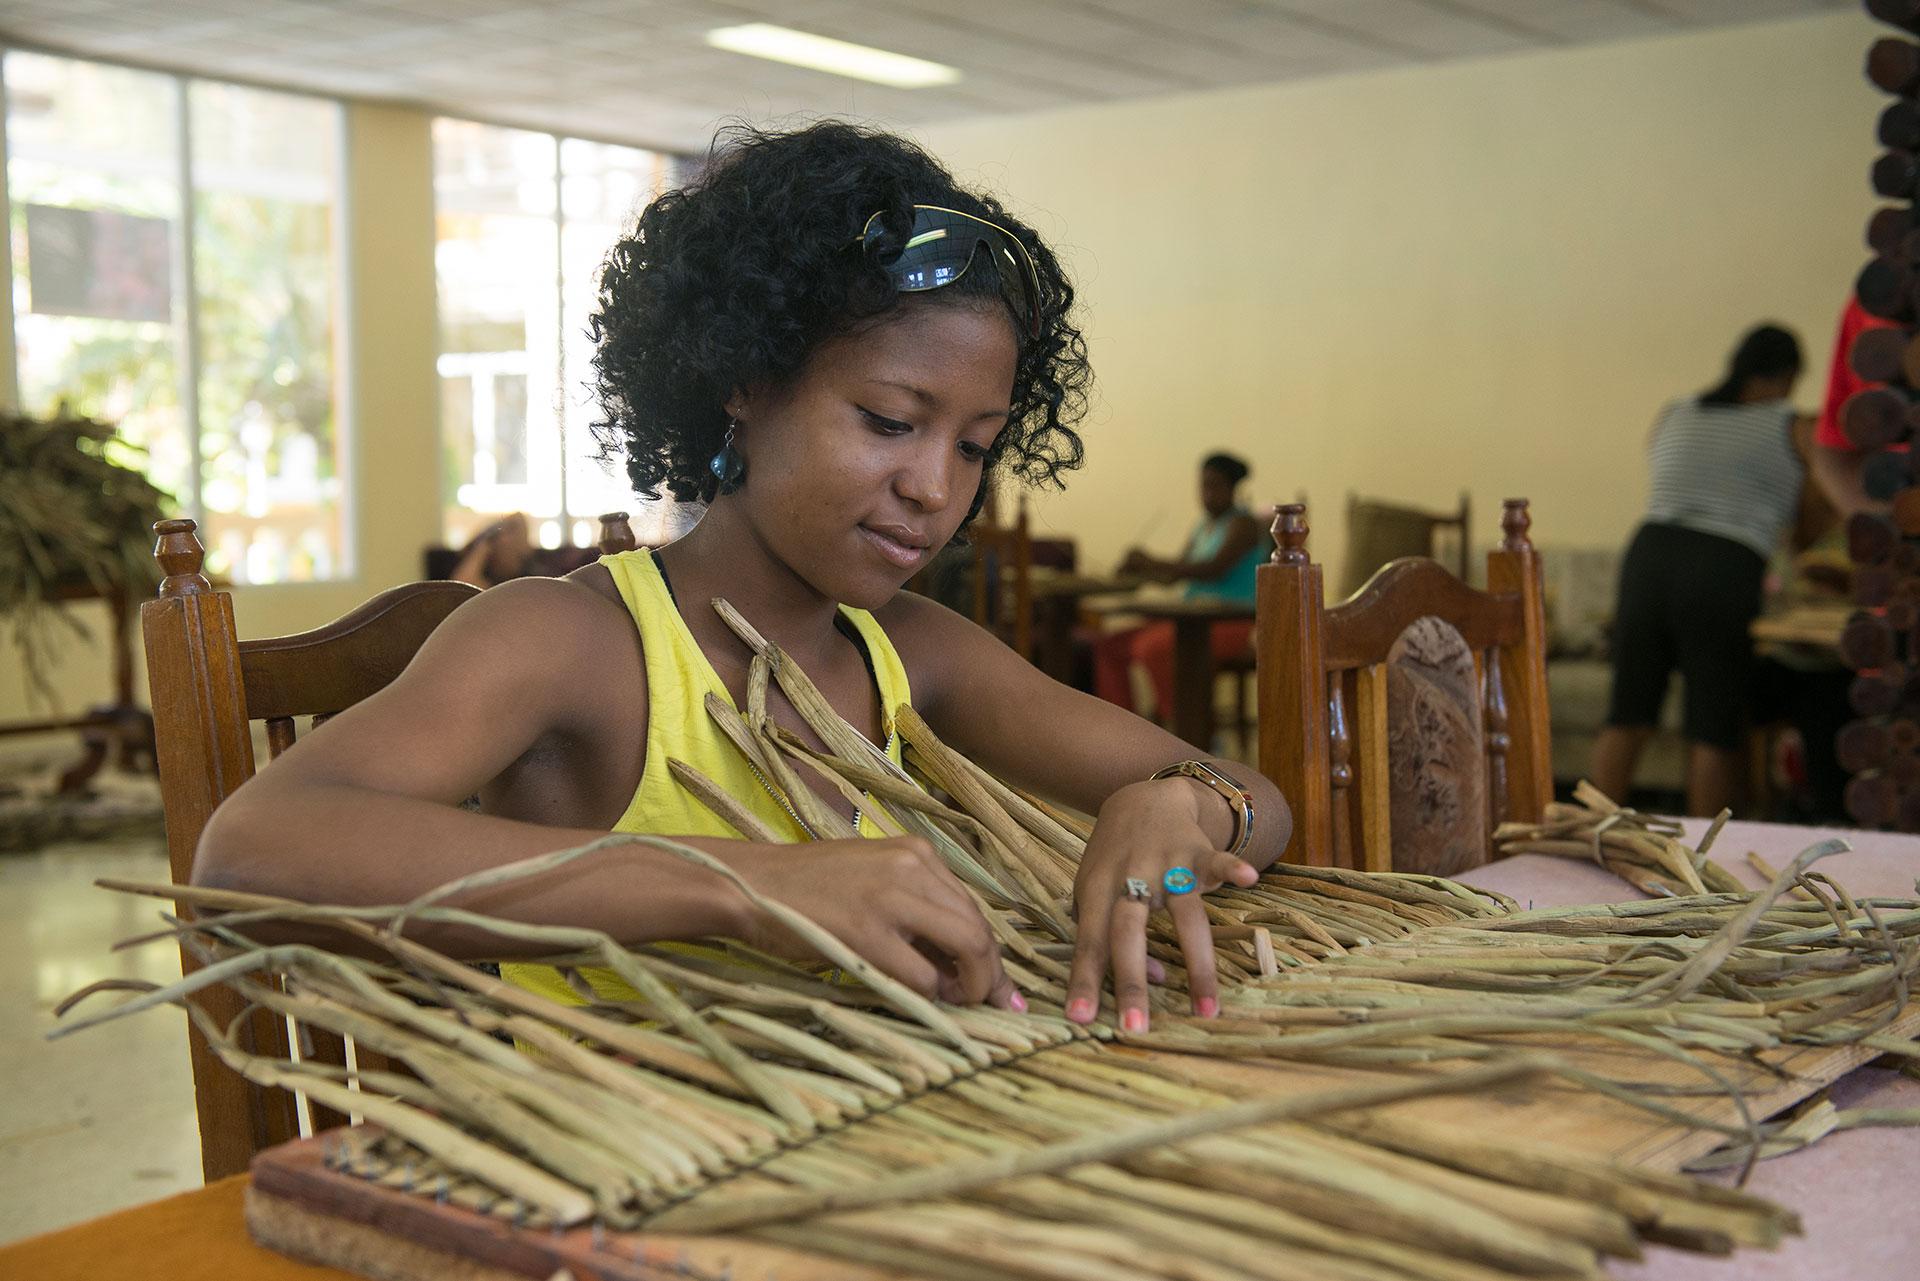 La diversificación de materias primas en la producción de artesanías fue un acierto para mejorar los servicios del sector privado